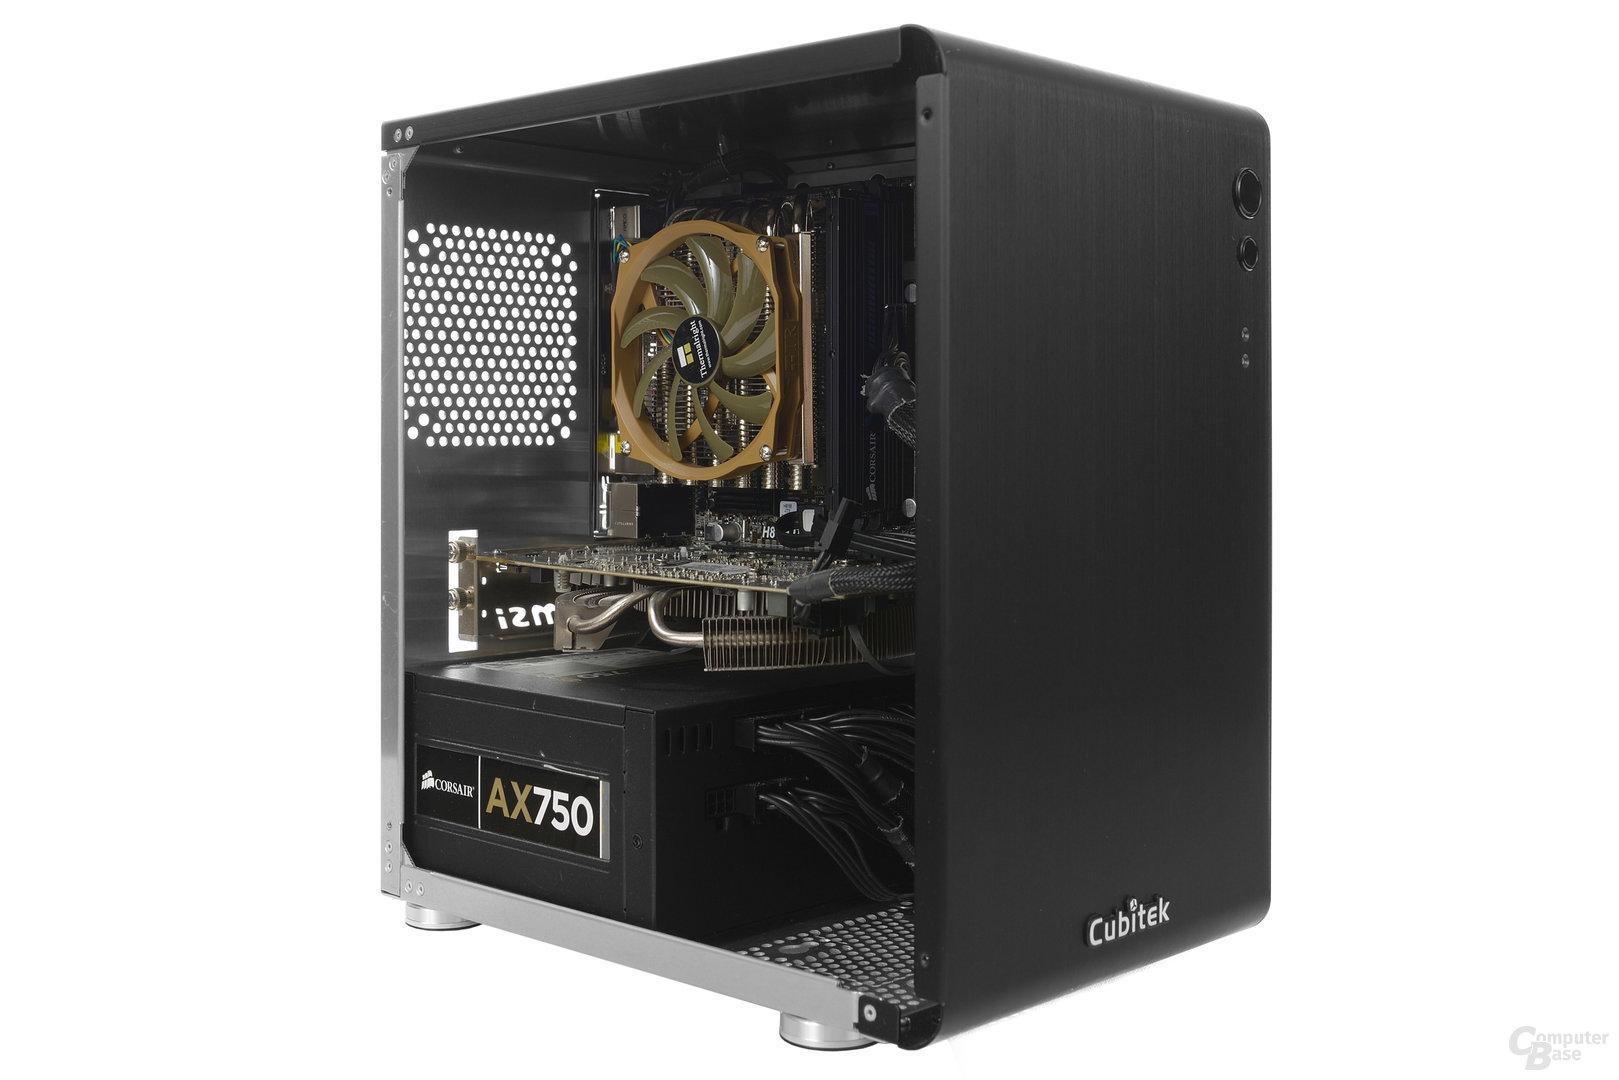 Cubitek Mini Cube - Testsystem